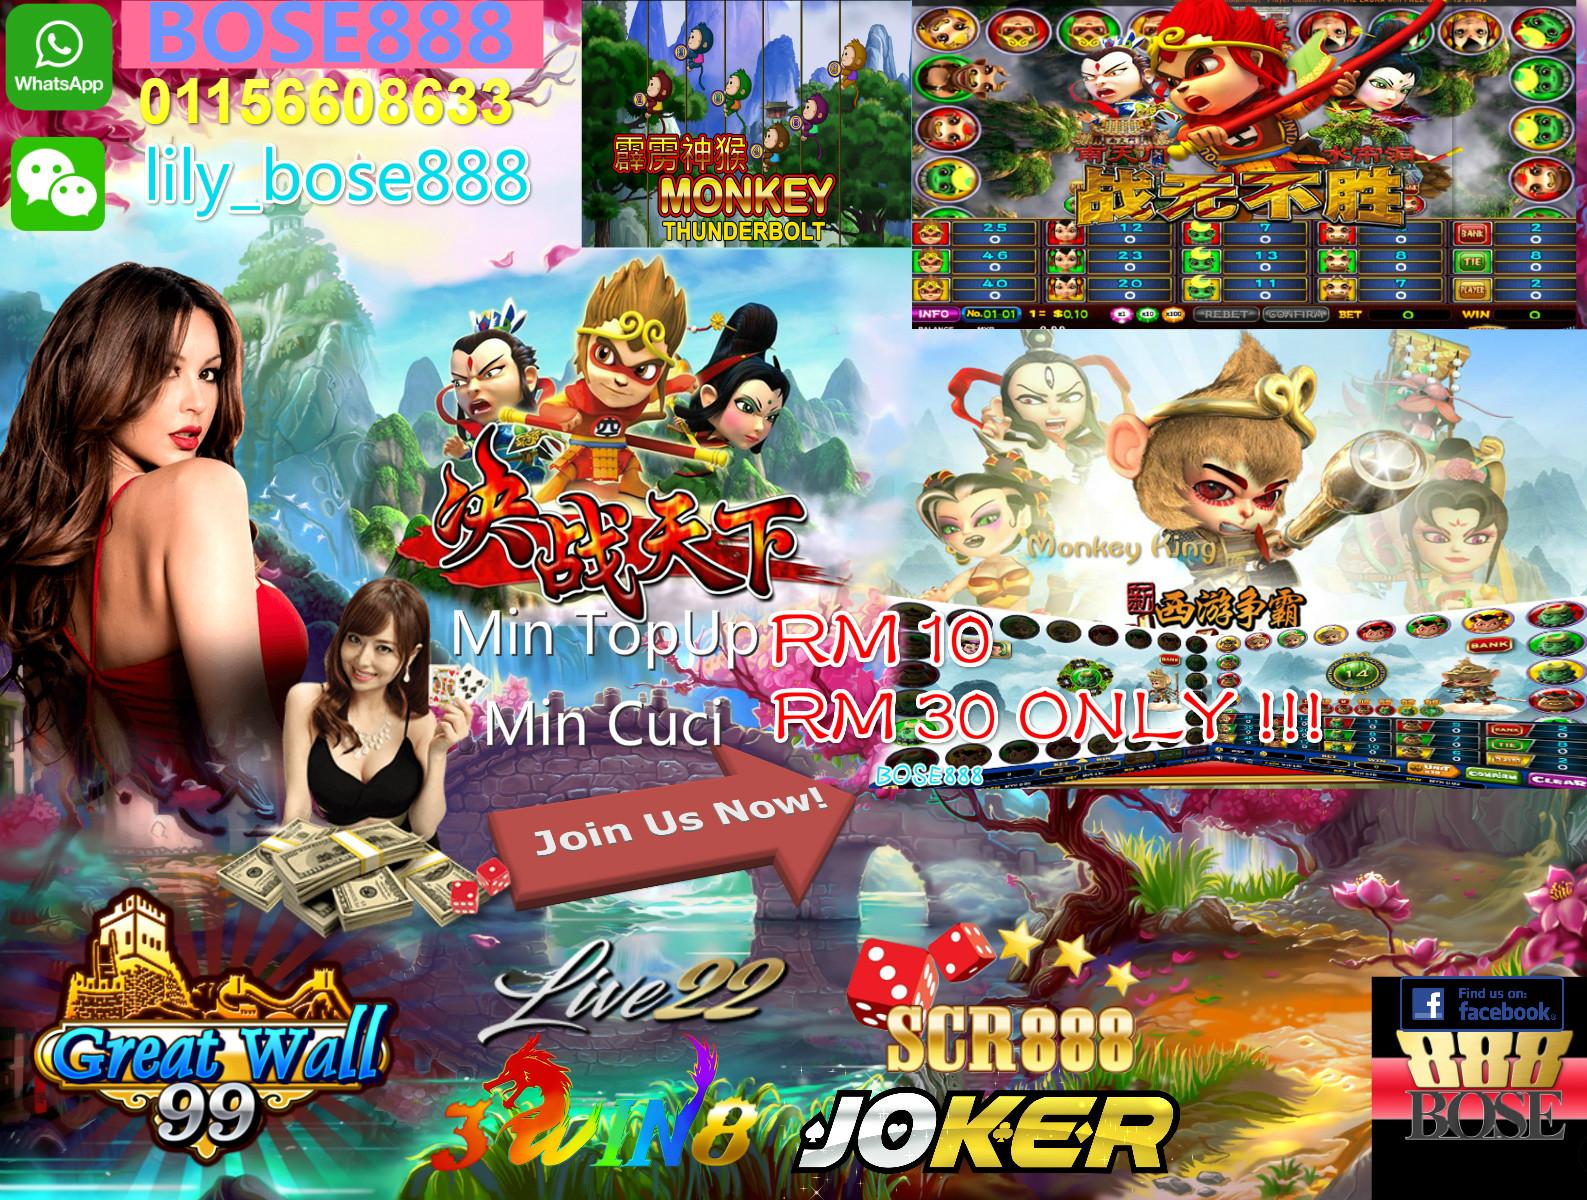 cafe casino no deposit bonus codes 2019